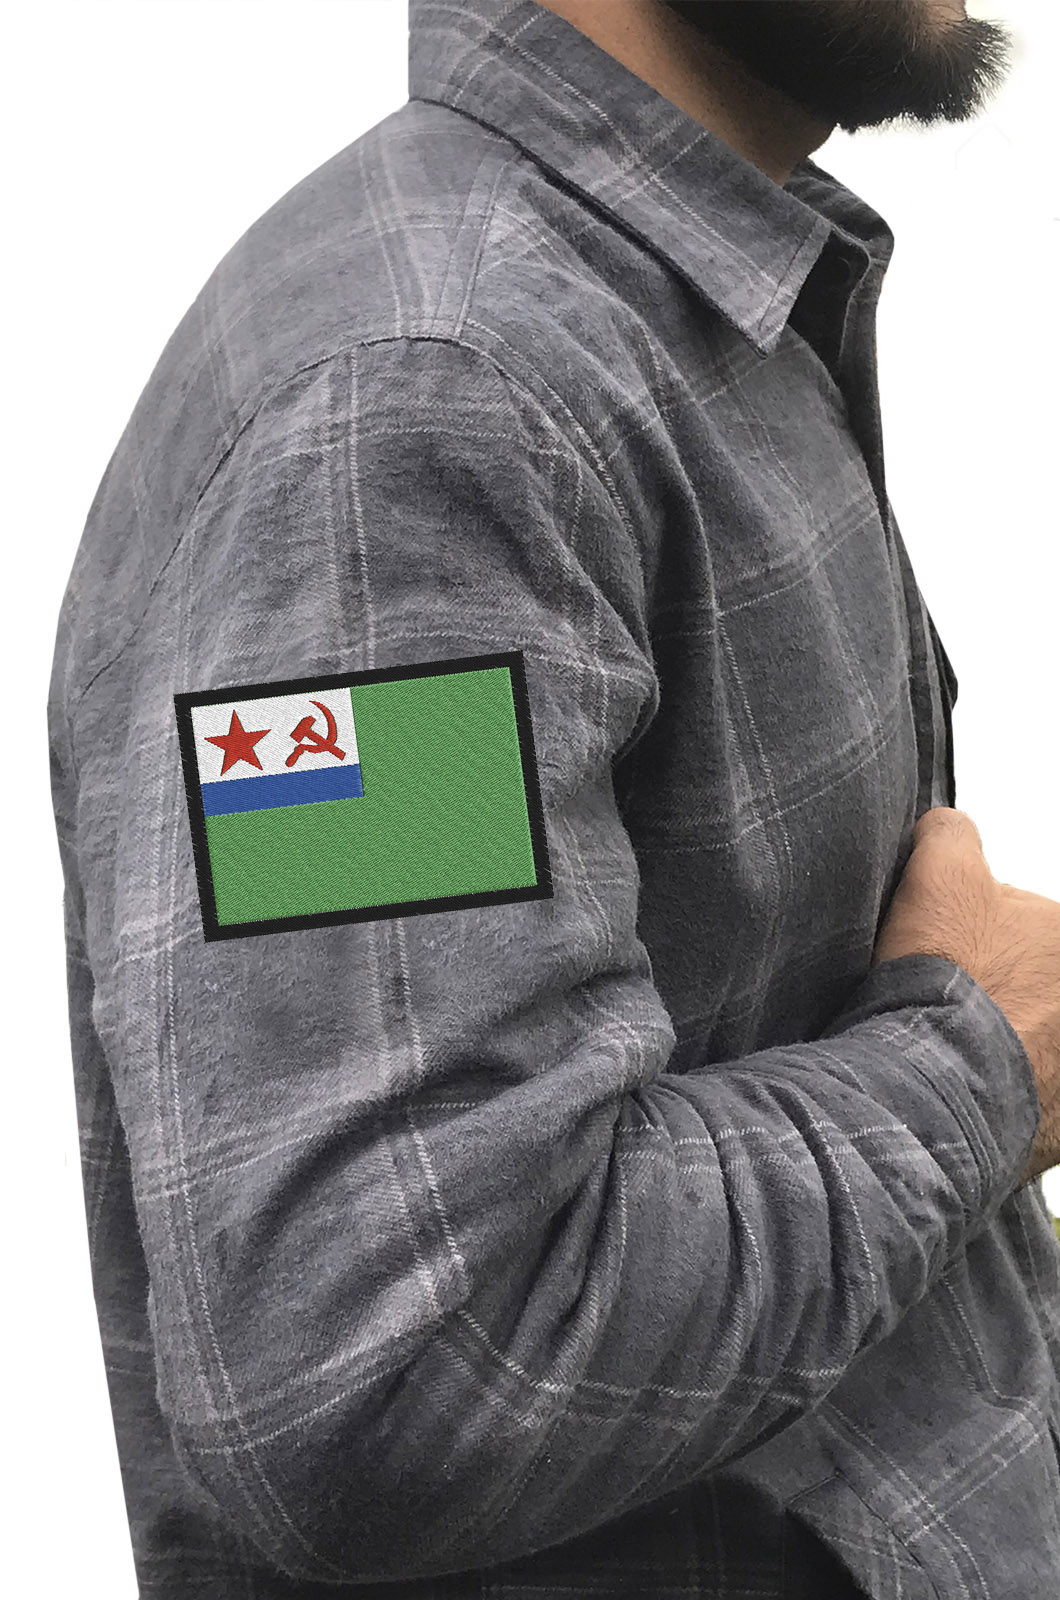 Мужская утепленная рубашка с вышитым шевроном МЧПВ СССР - заказать в Военпро